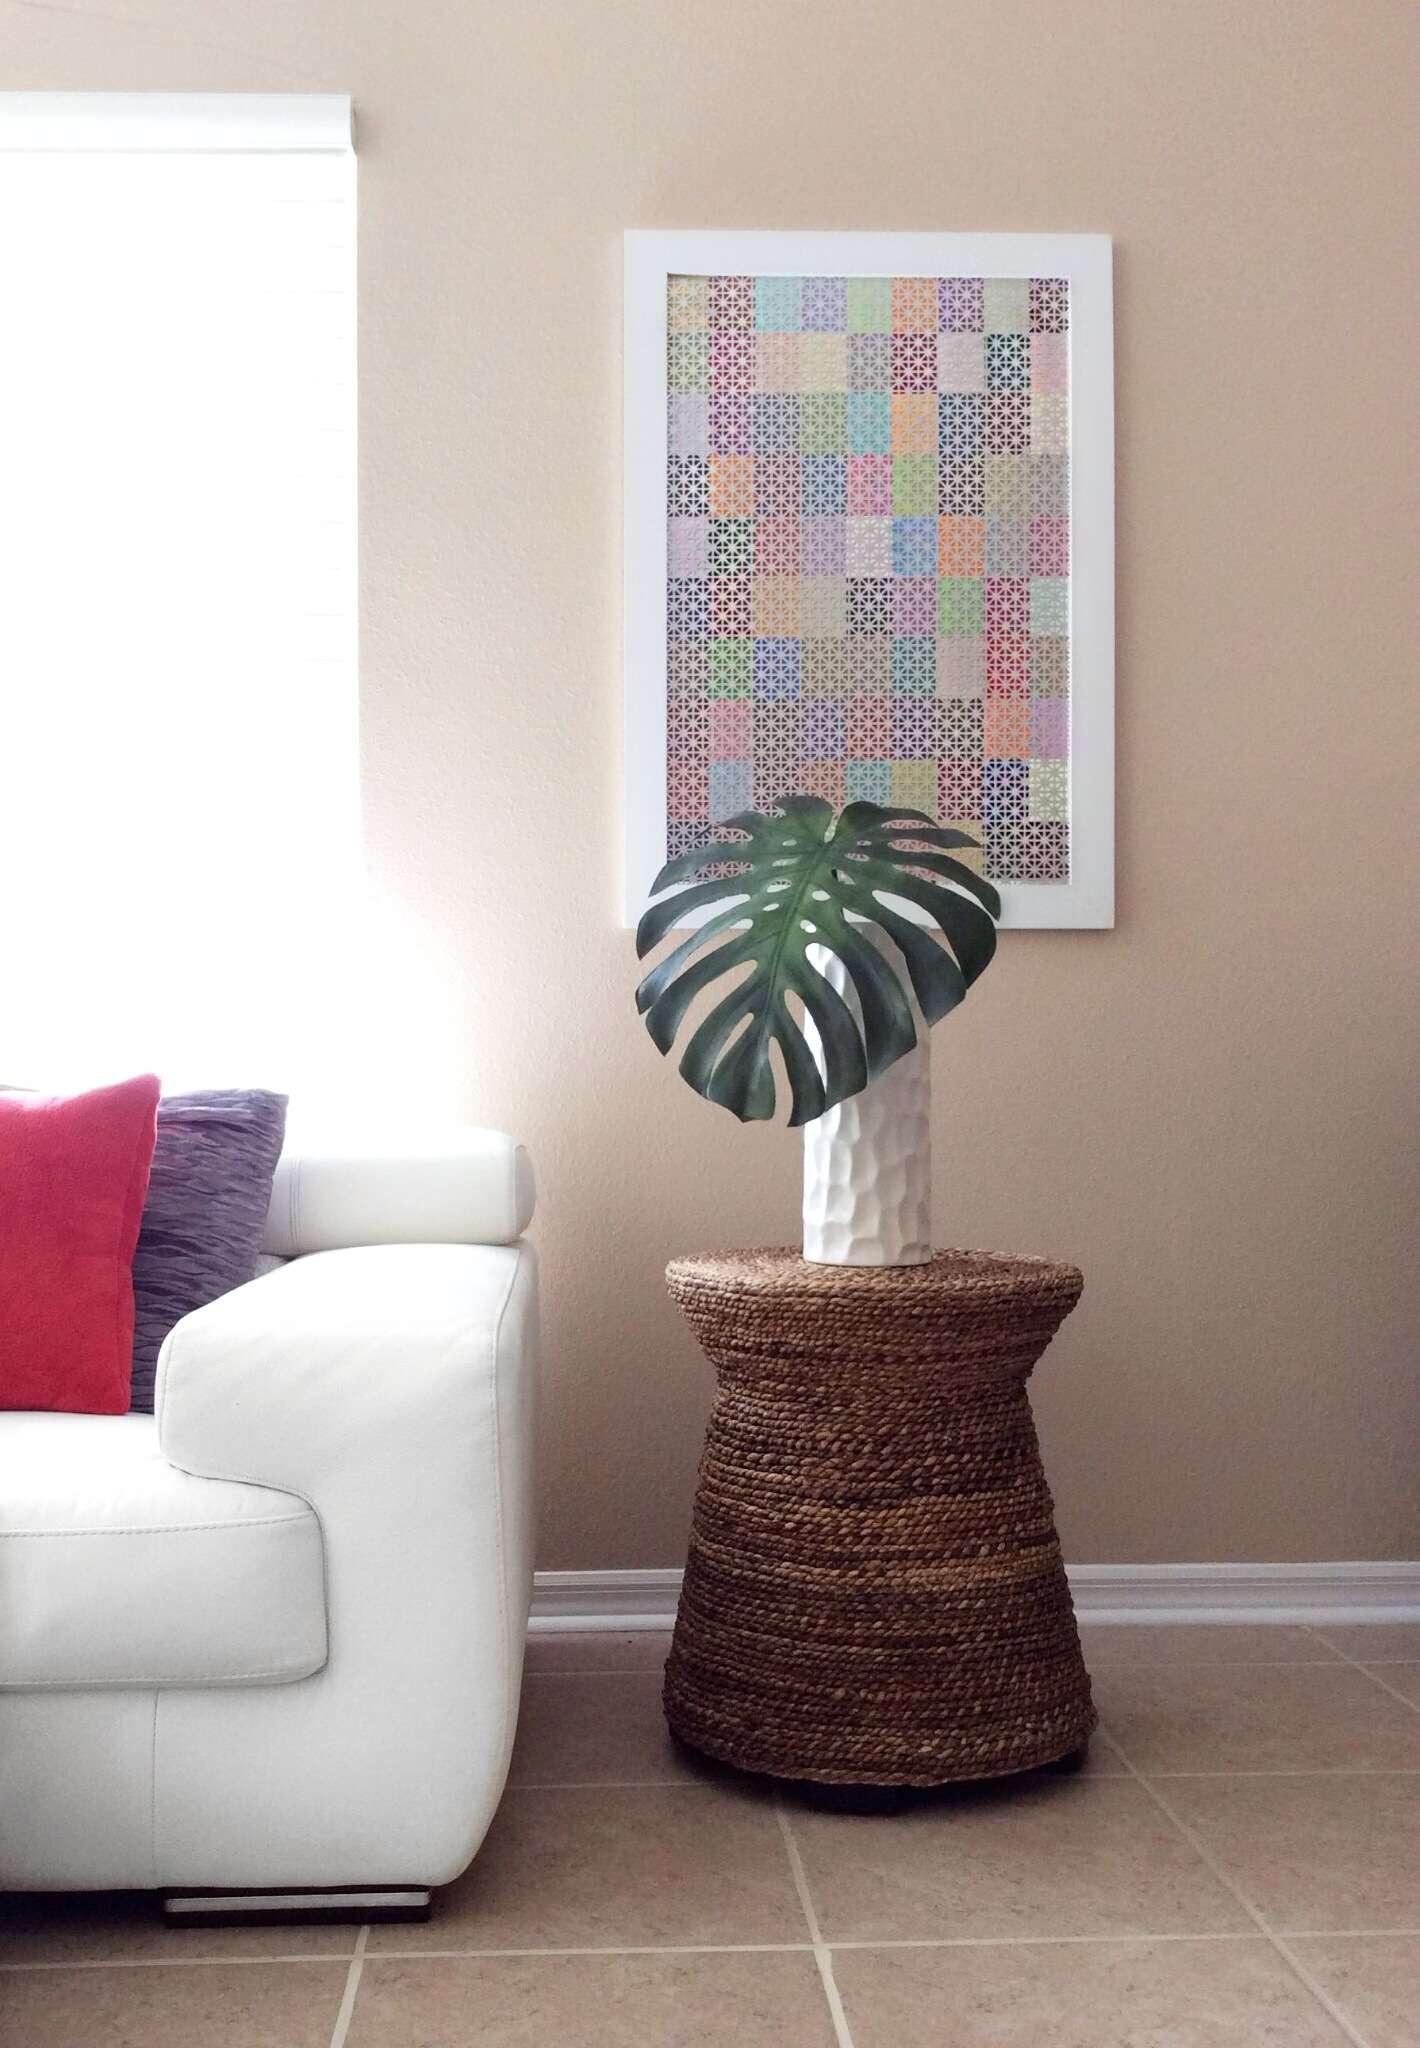 Cuadro Decorativo con Muestras de Pintura